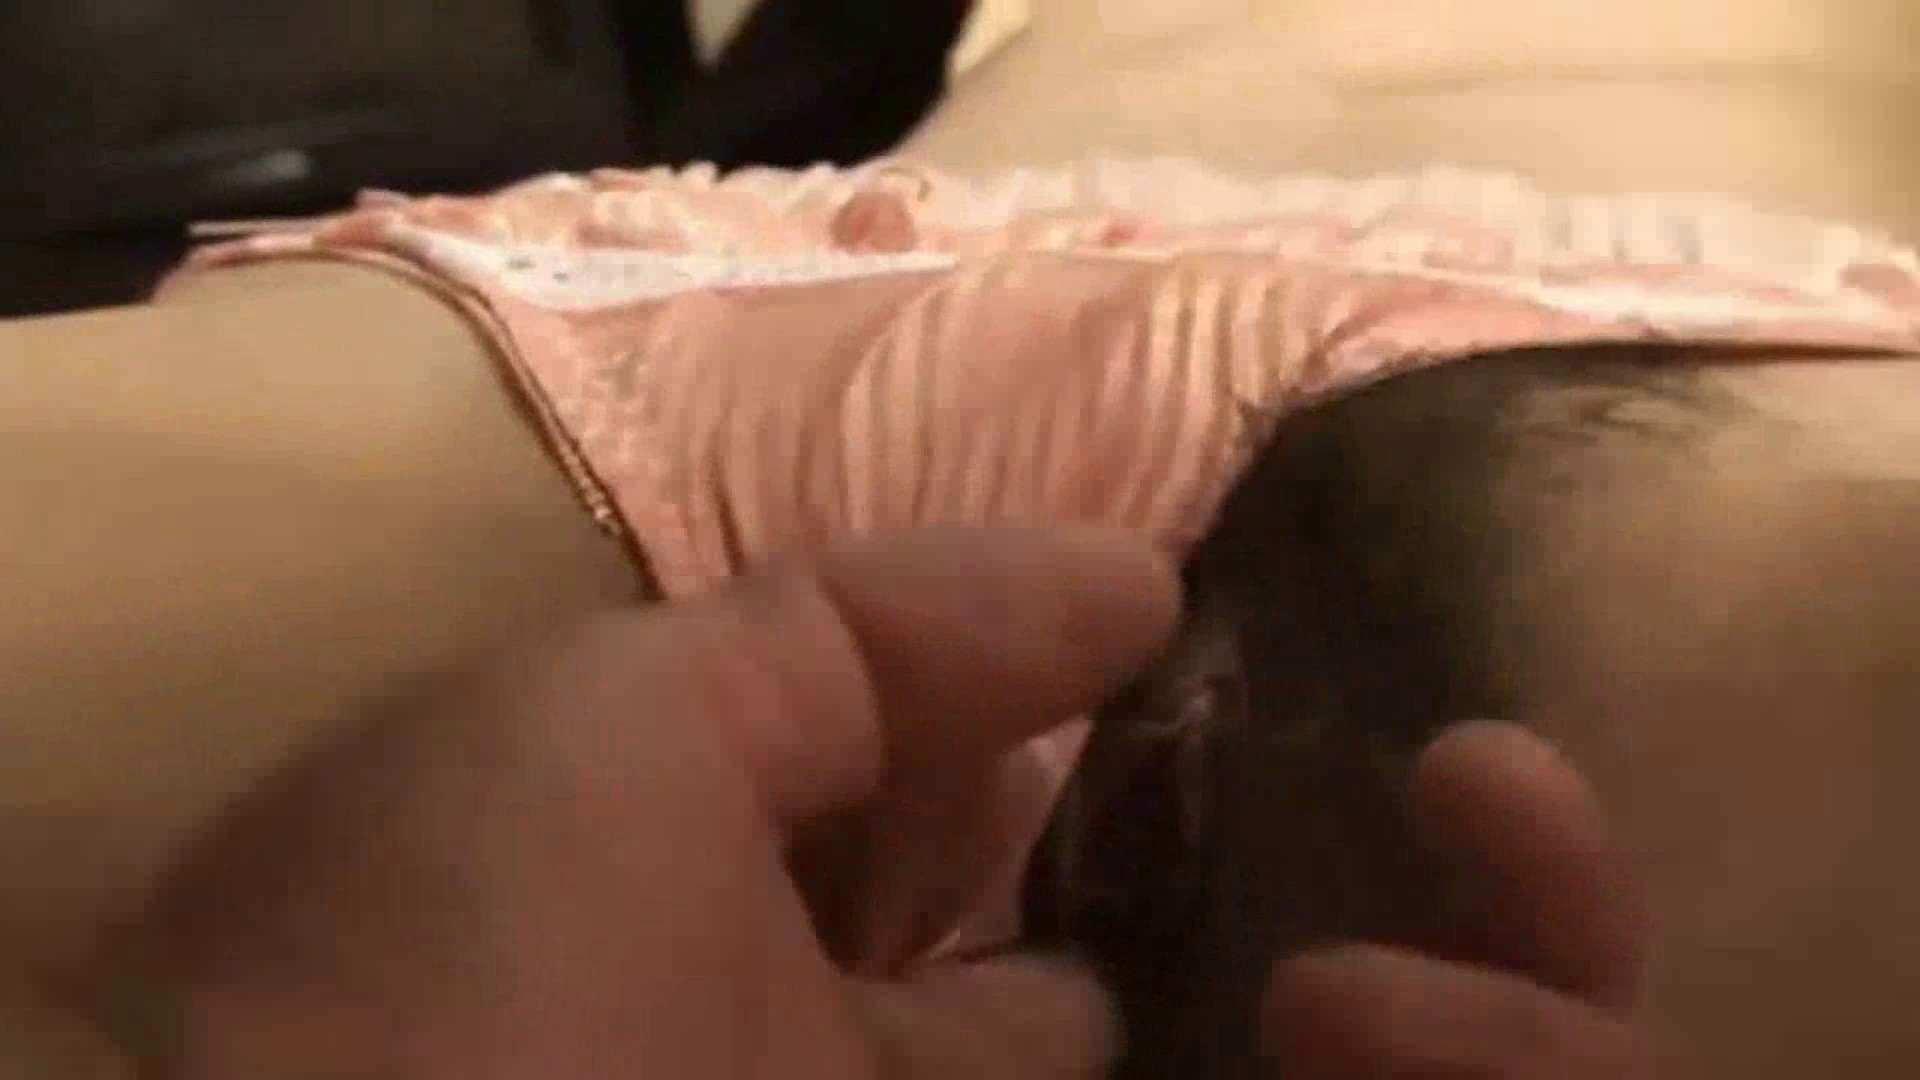 素人S級美女特選!小悪魔ギャル噂のビッチガールVol.12 一般投稿 女性器鑑賞 94pic 24